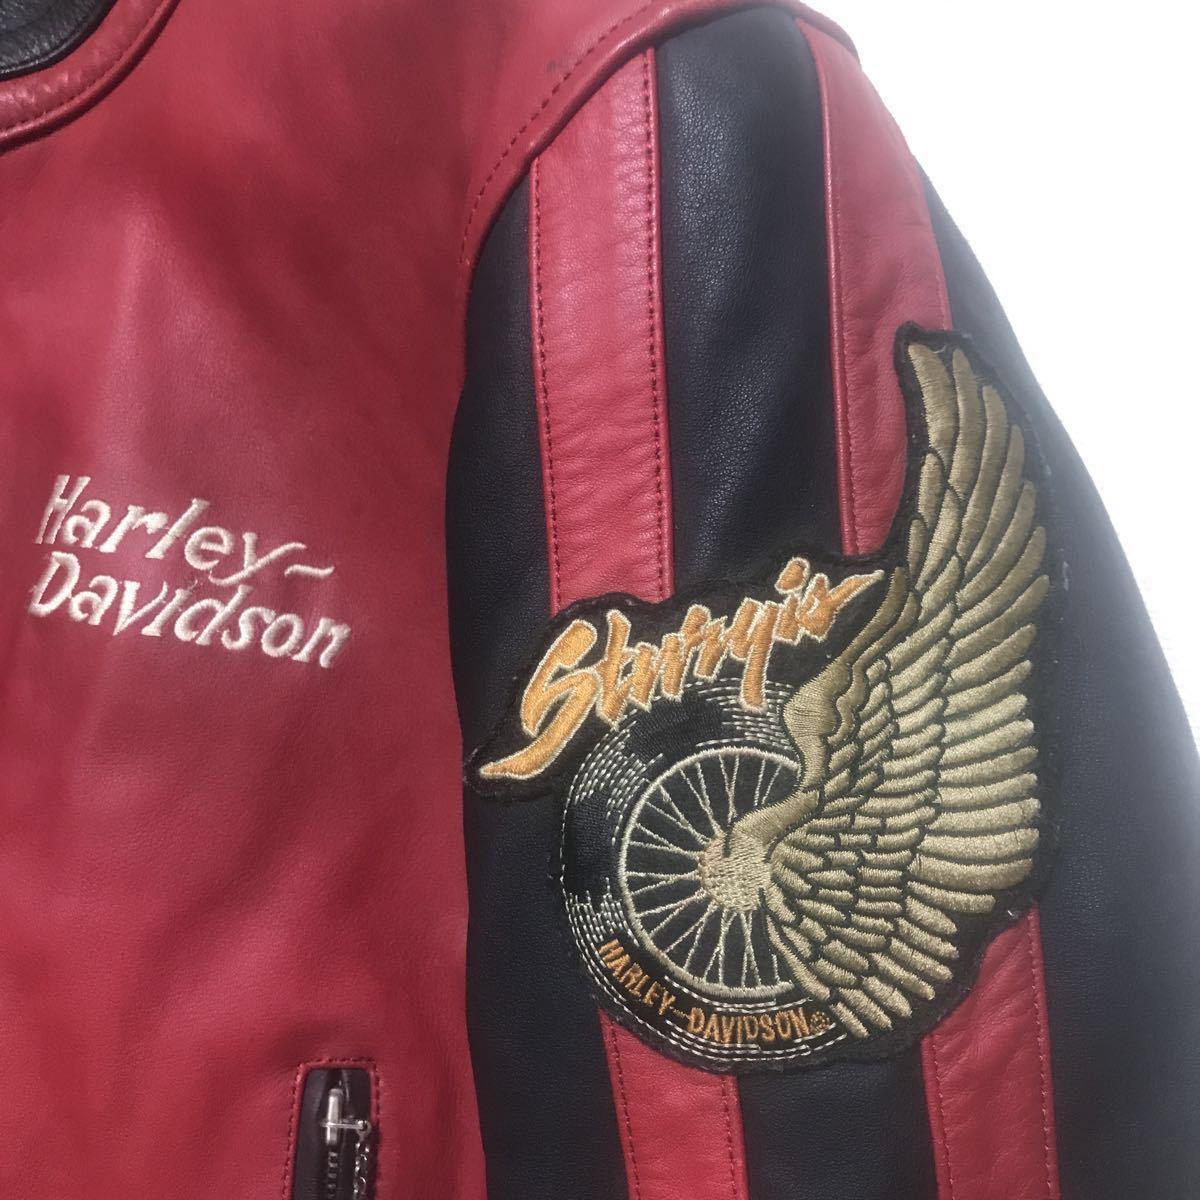 ハーレーダビッドソン ライダースジャケット レザー S 赤黒 牛革_画像2